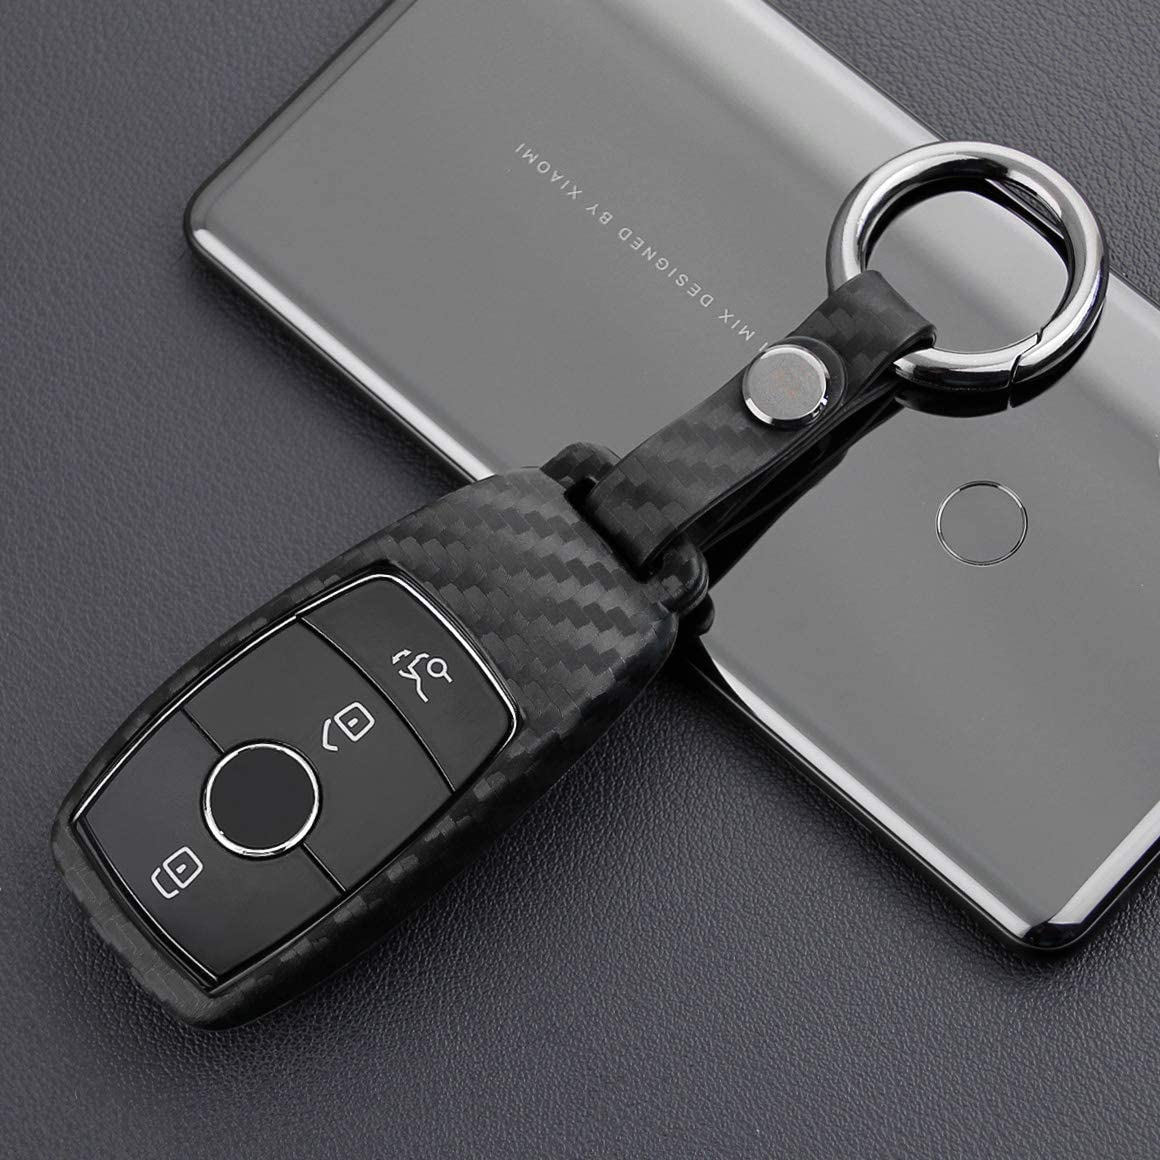 VSLIH Carbon Fiber Texture Remote Key Fob Case Cover Holder for Mercedes Benz E-Class E300 E350 E400 2016-2019